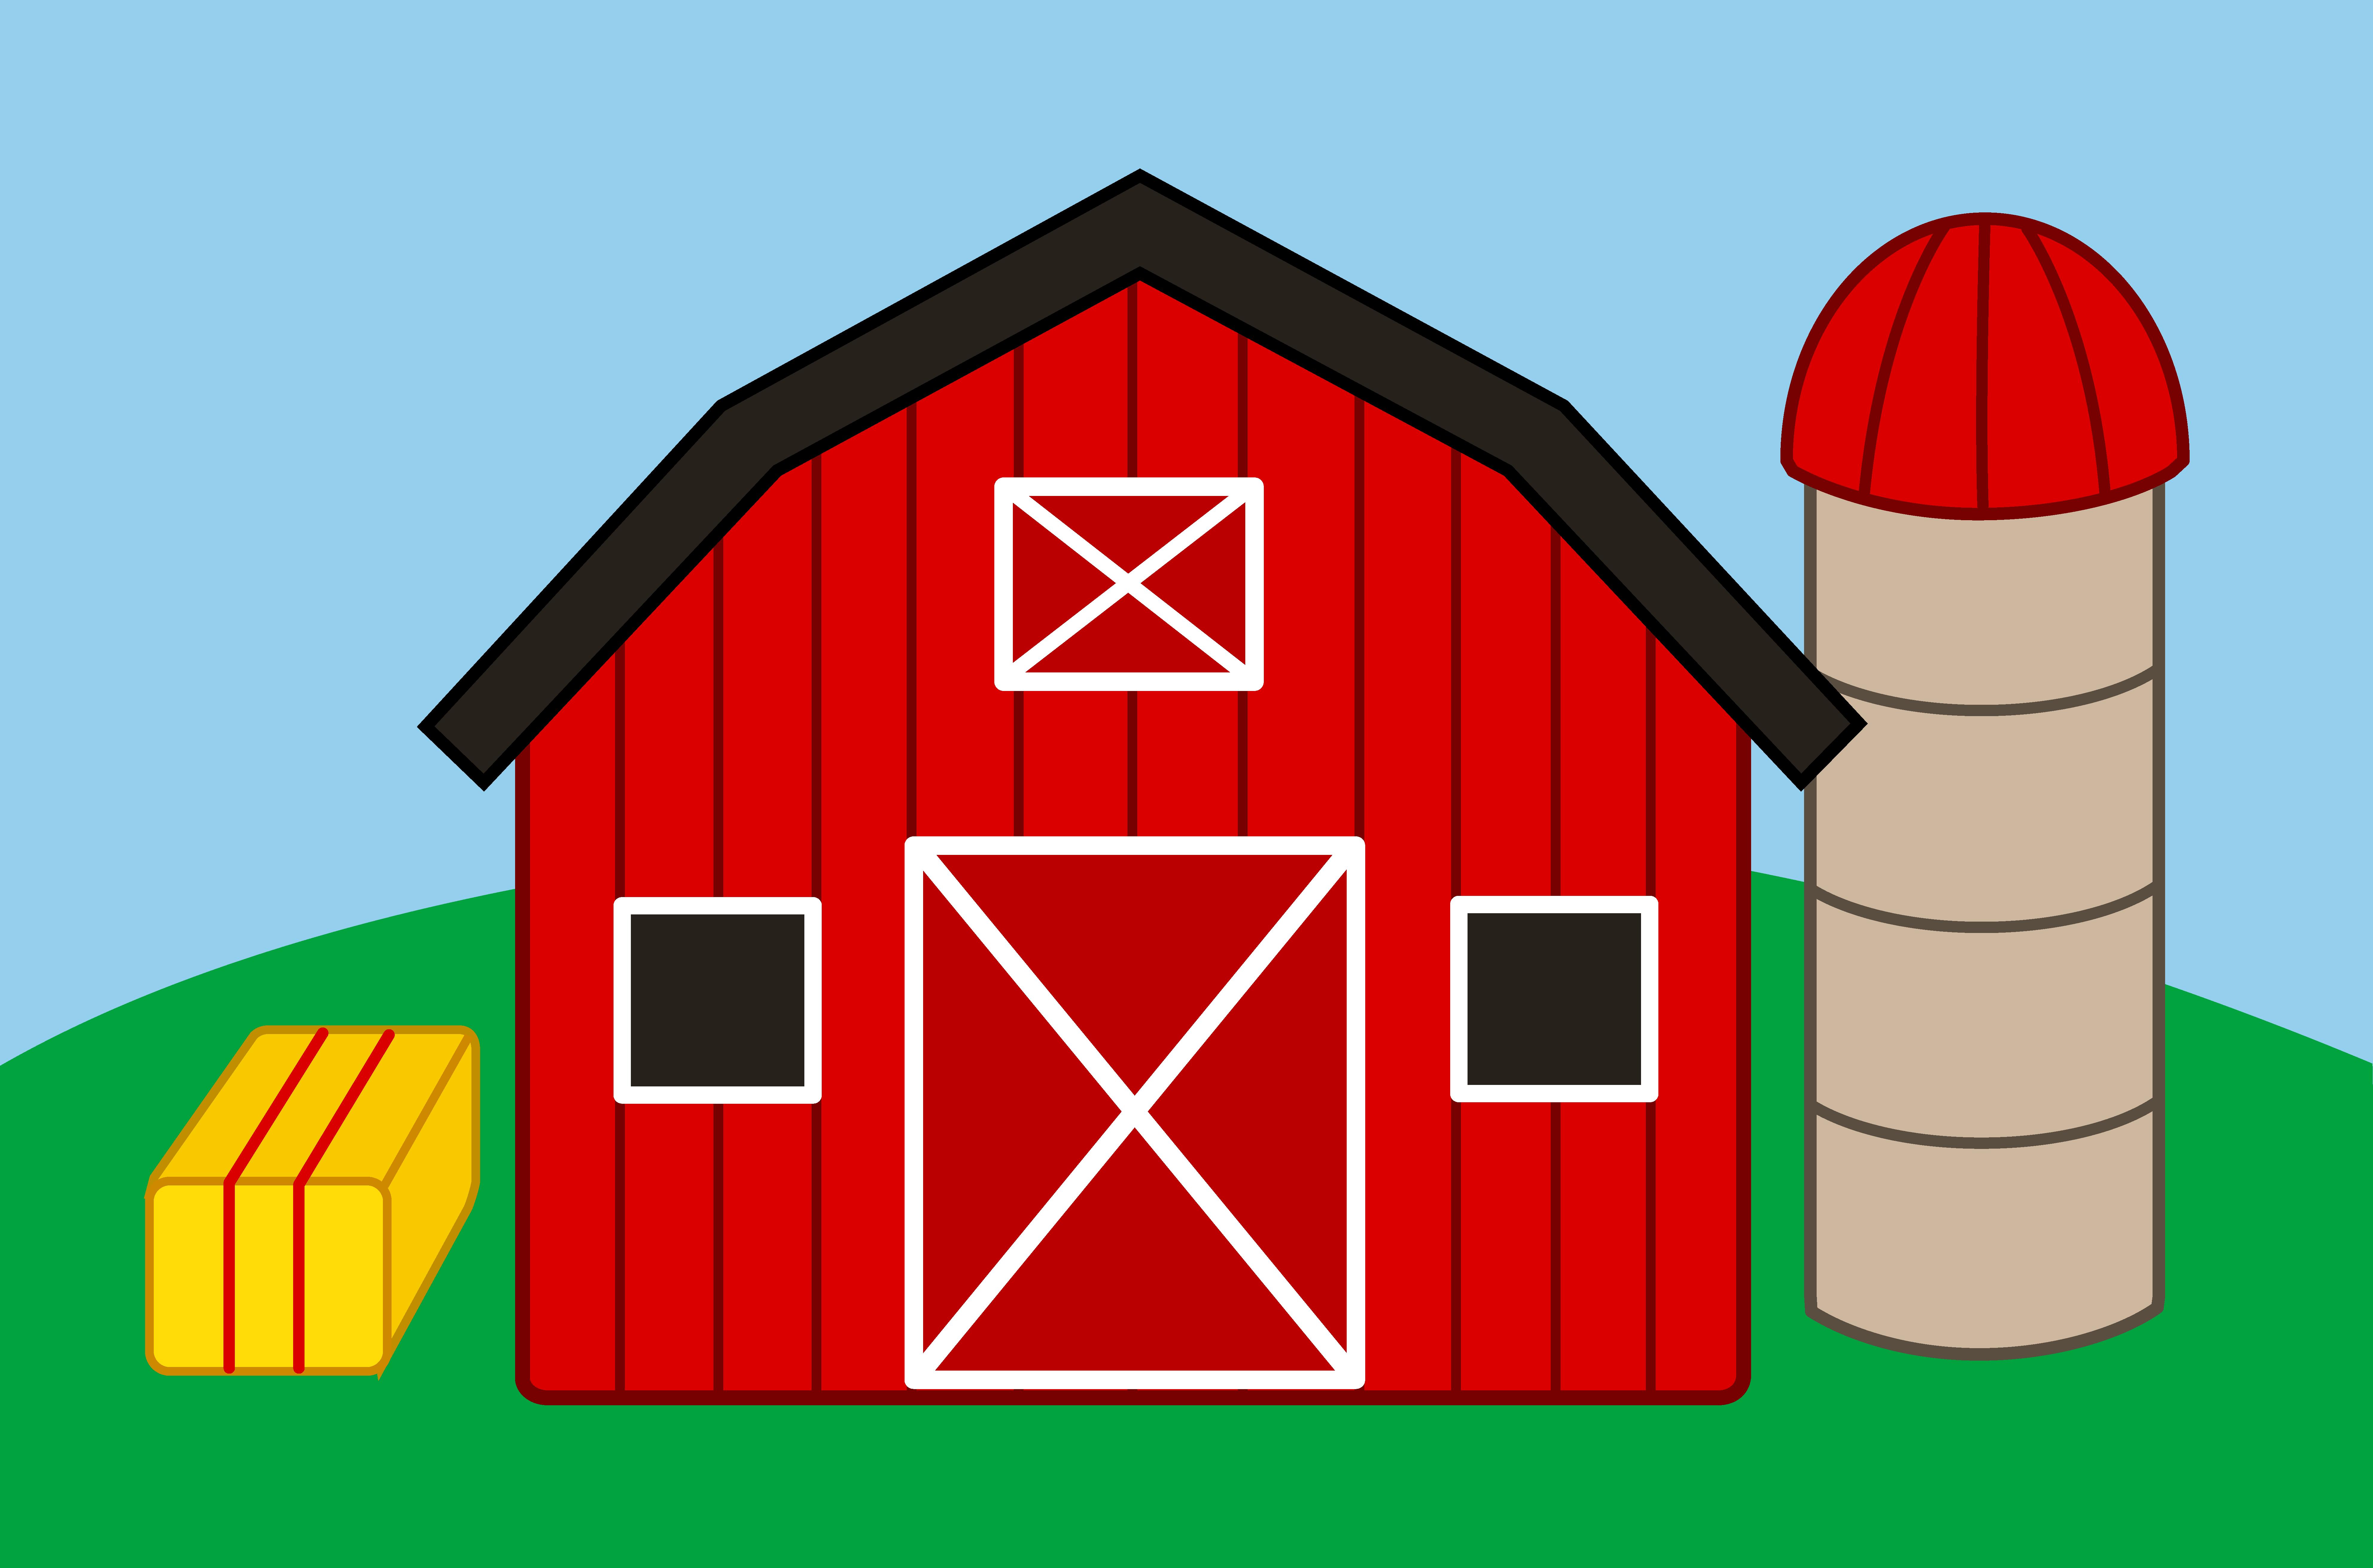 Barn clipart cartoon. Farm house